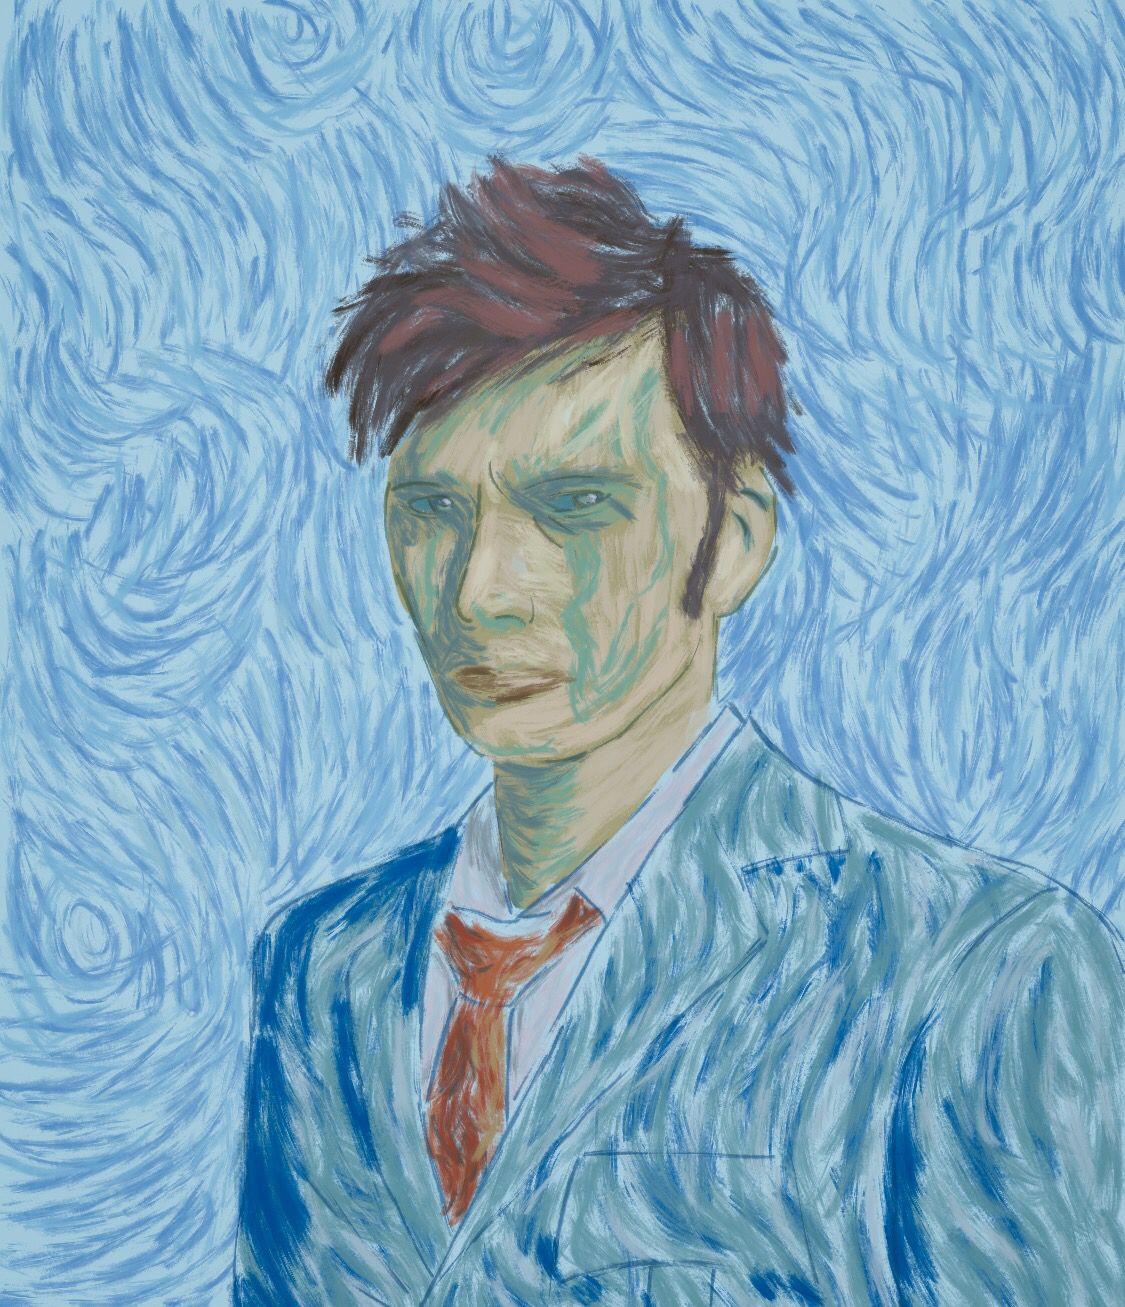 If Van Gogh painted Ten!  #DoctorWho